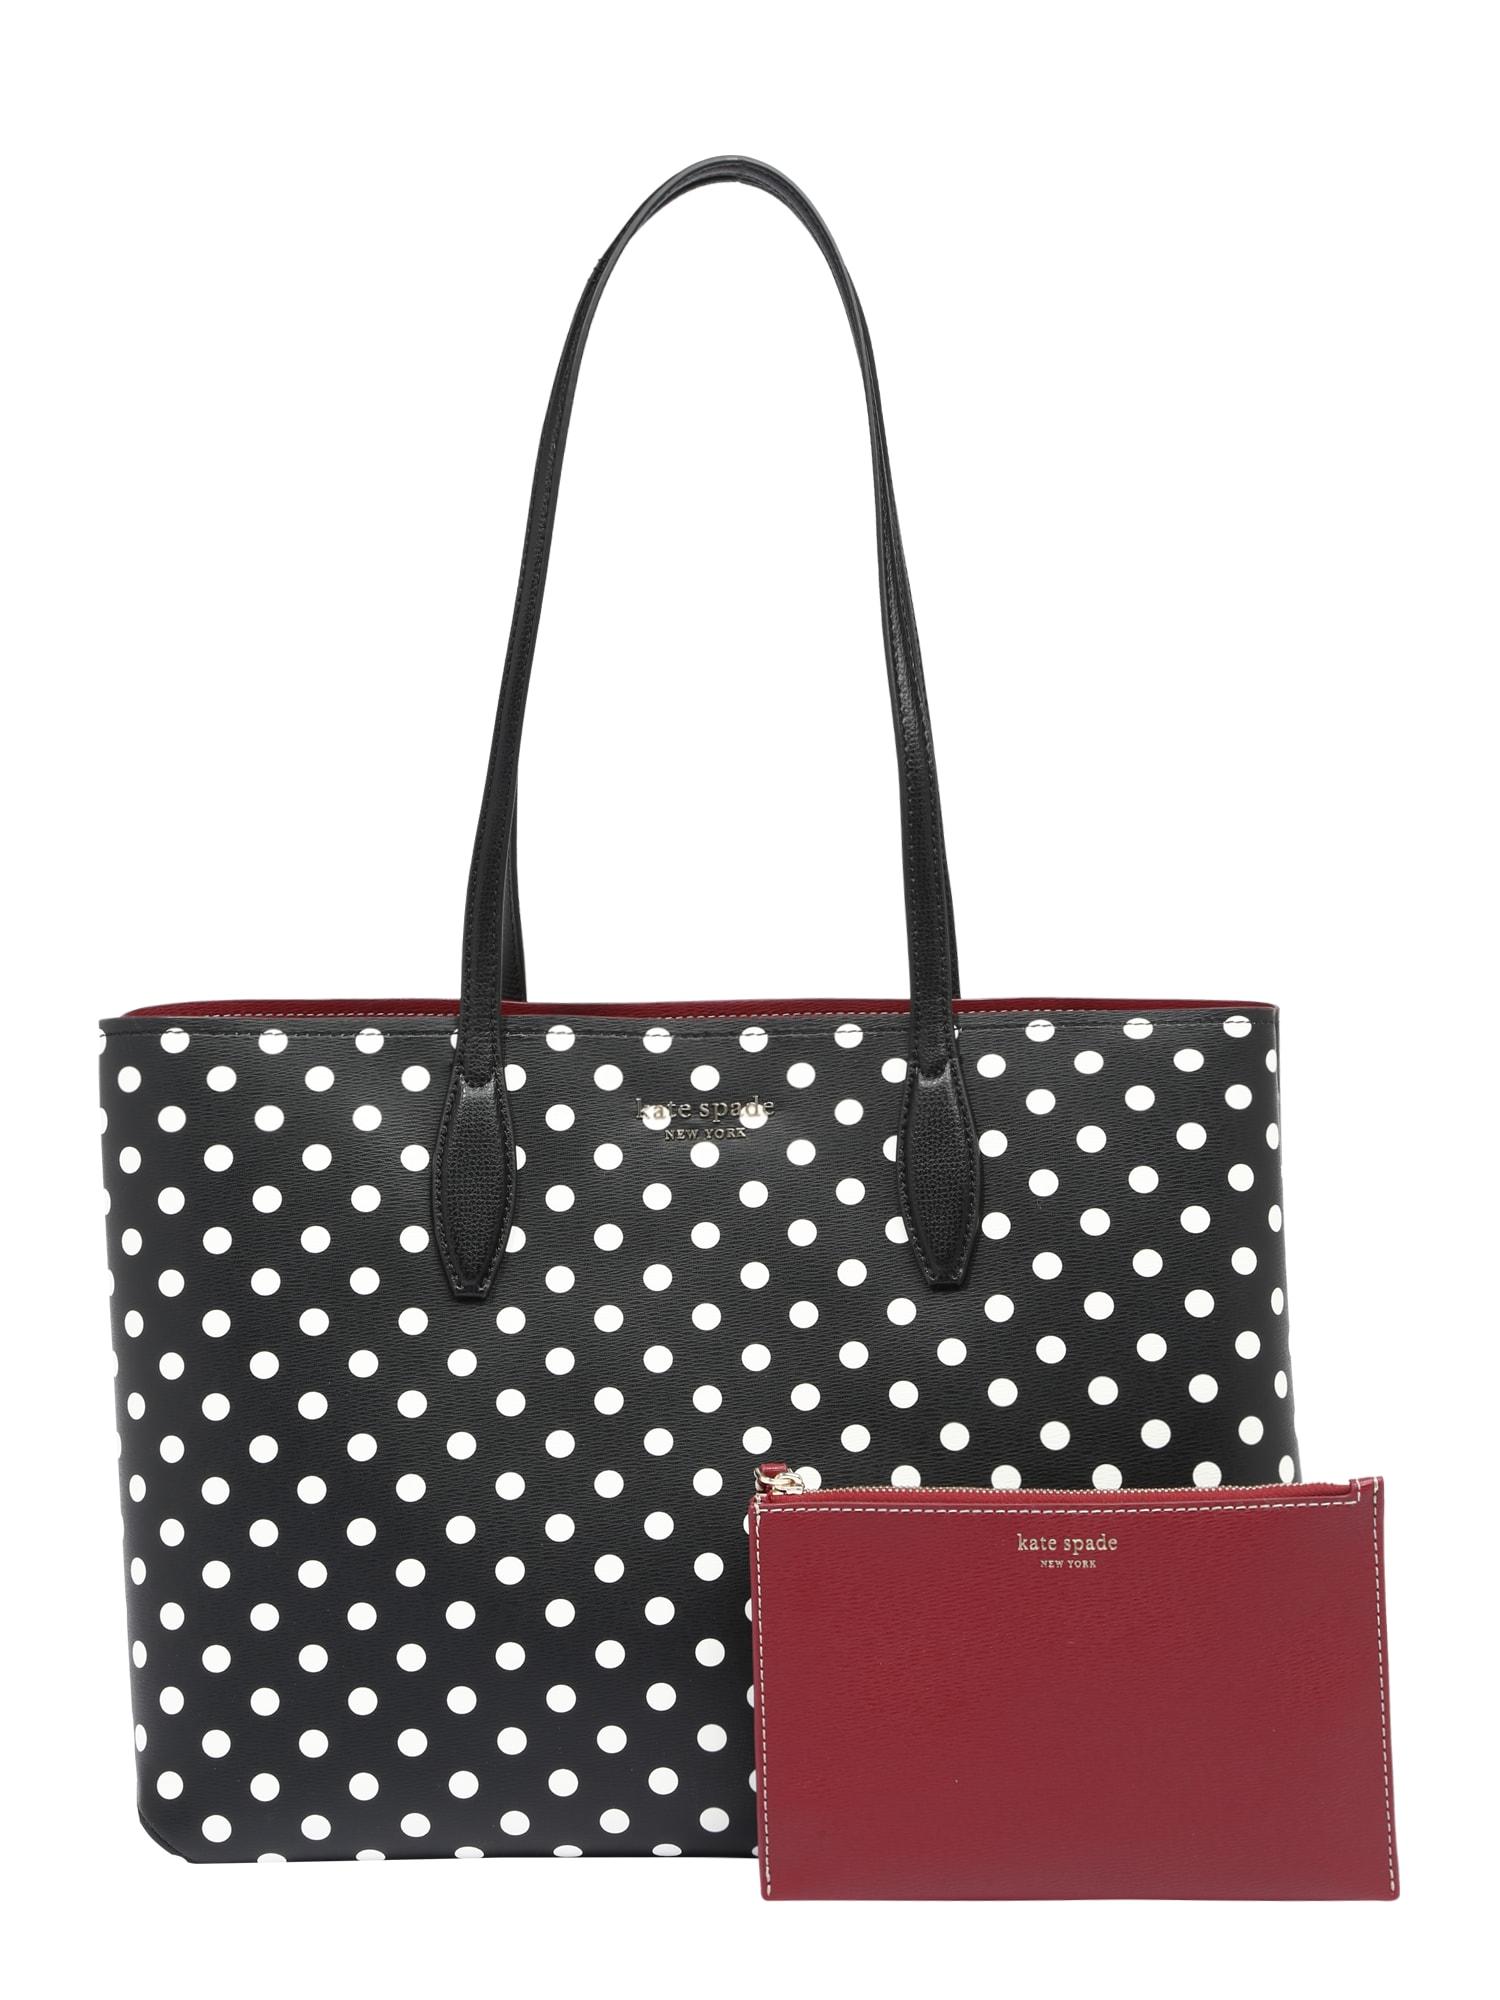 Kate Spade Pirkinių krepšys juoda / balta